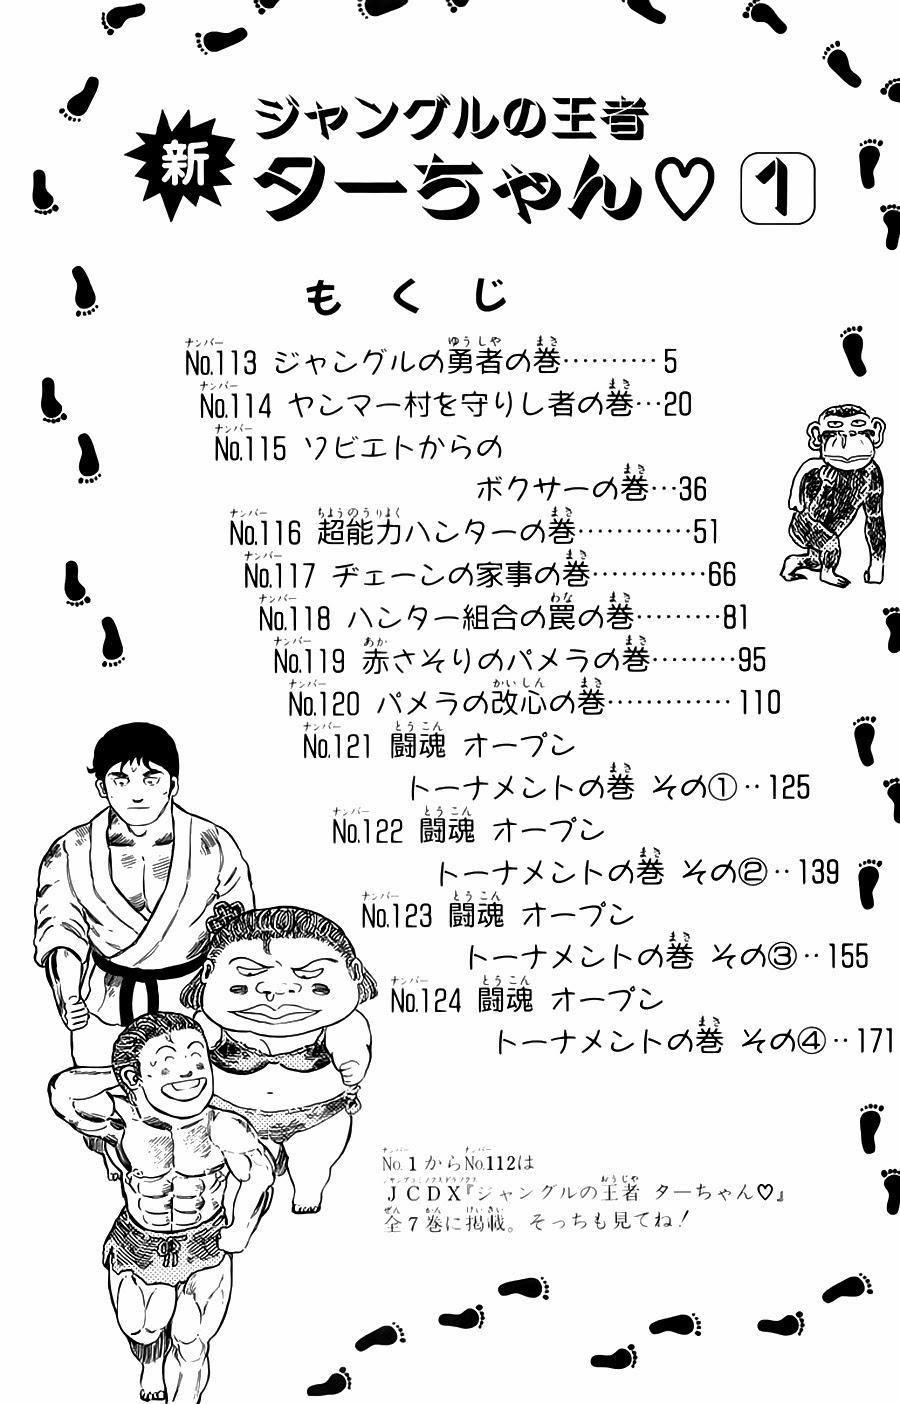 Chúa rừng Ta-chan chapter 113 (new - phần 2 chapter 1) trang 4